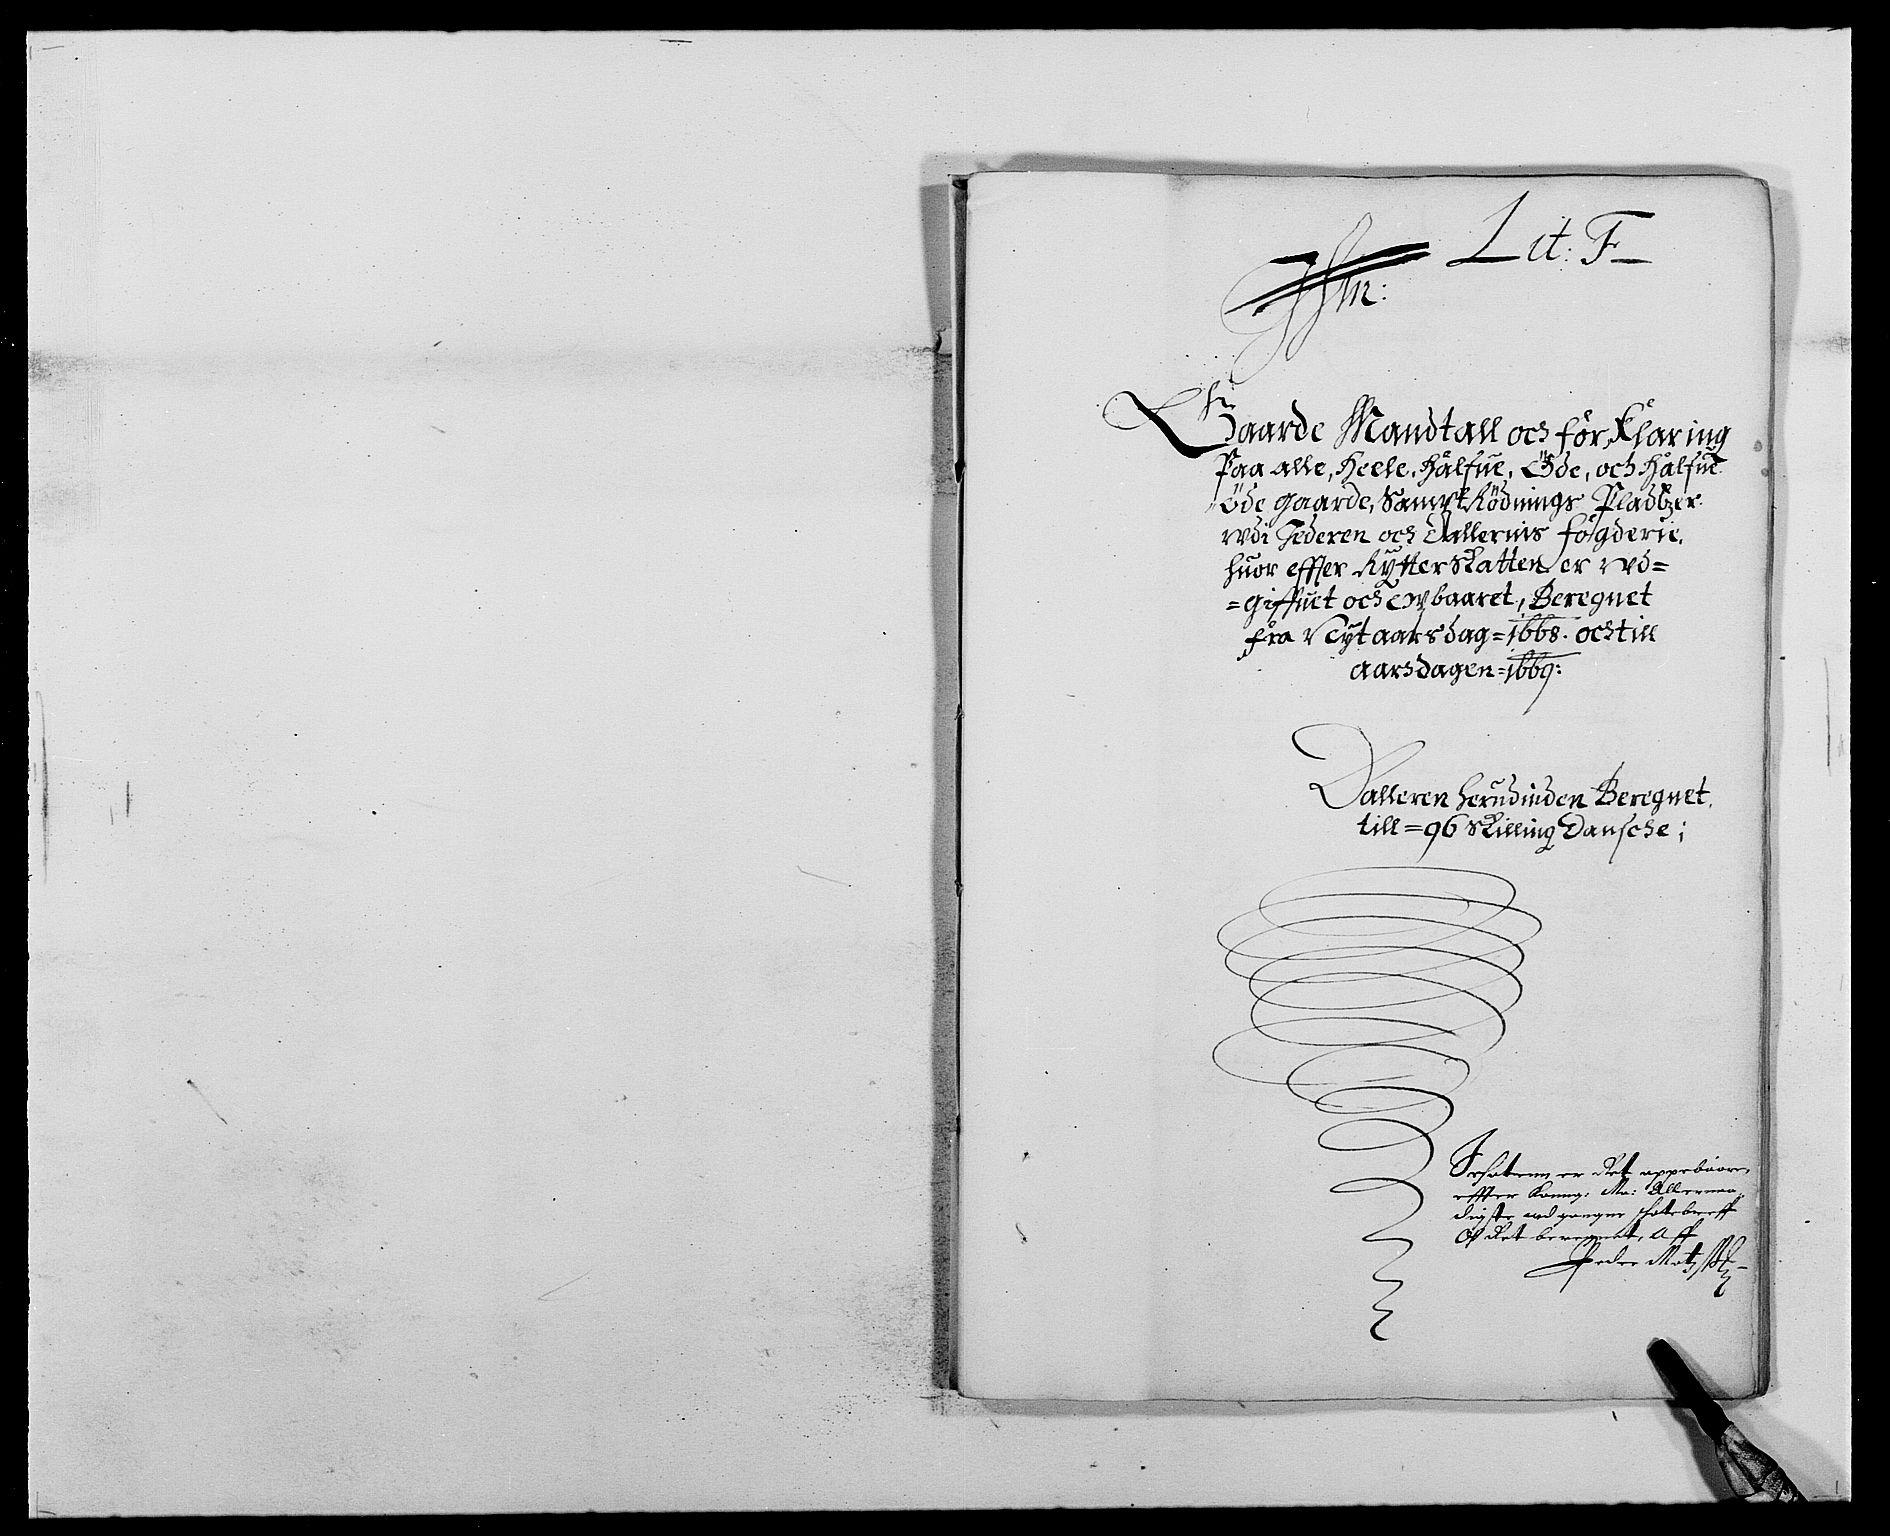 RA, Rentekammeret inntil 1814, Reviderte regnskaper, Fogderegnskap, R46/L2711: Fogderegnskap Jæren og Dalane, 1668-1670, s. 111